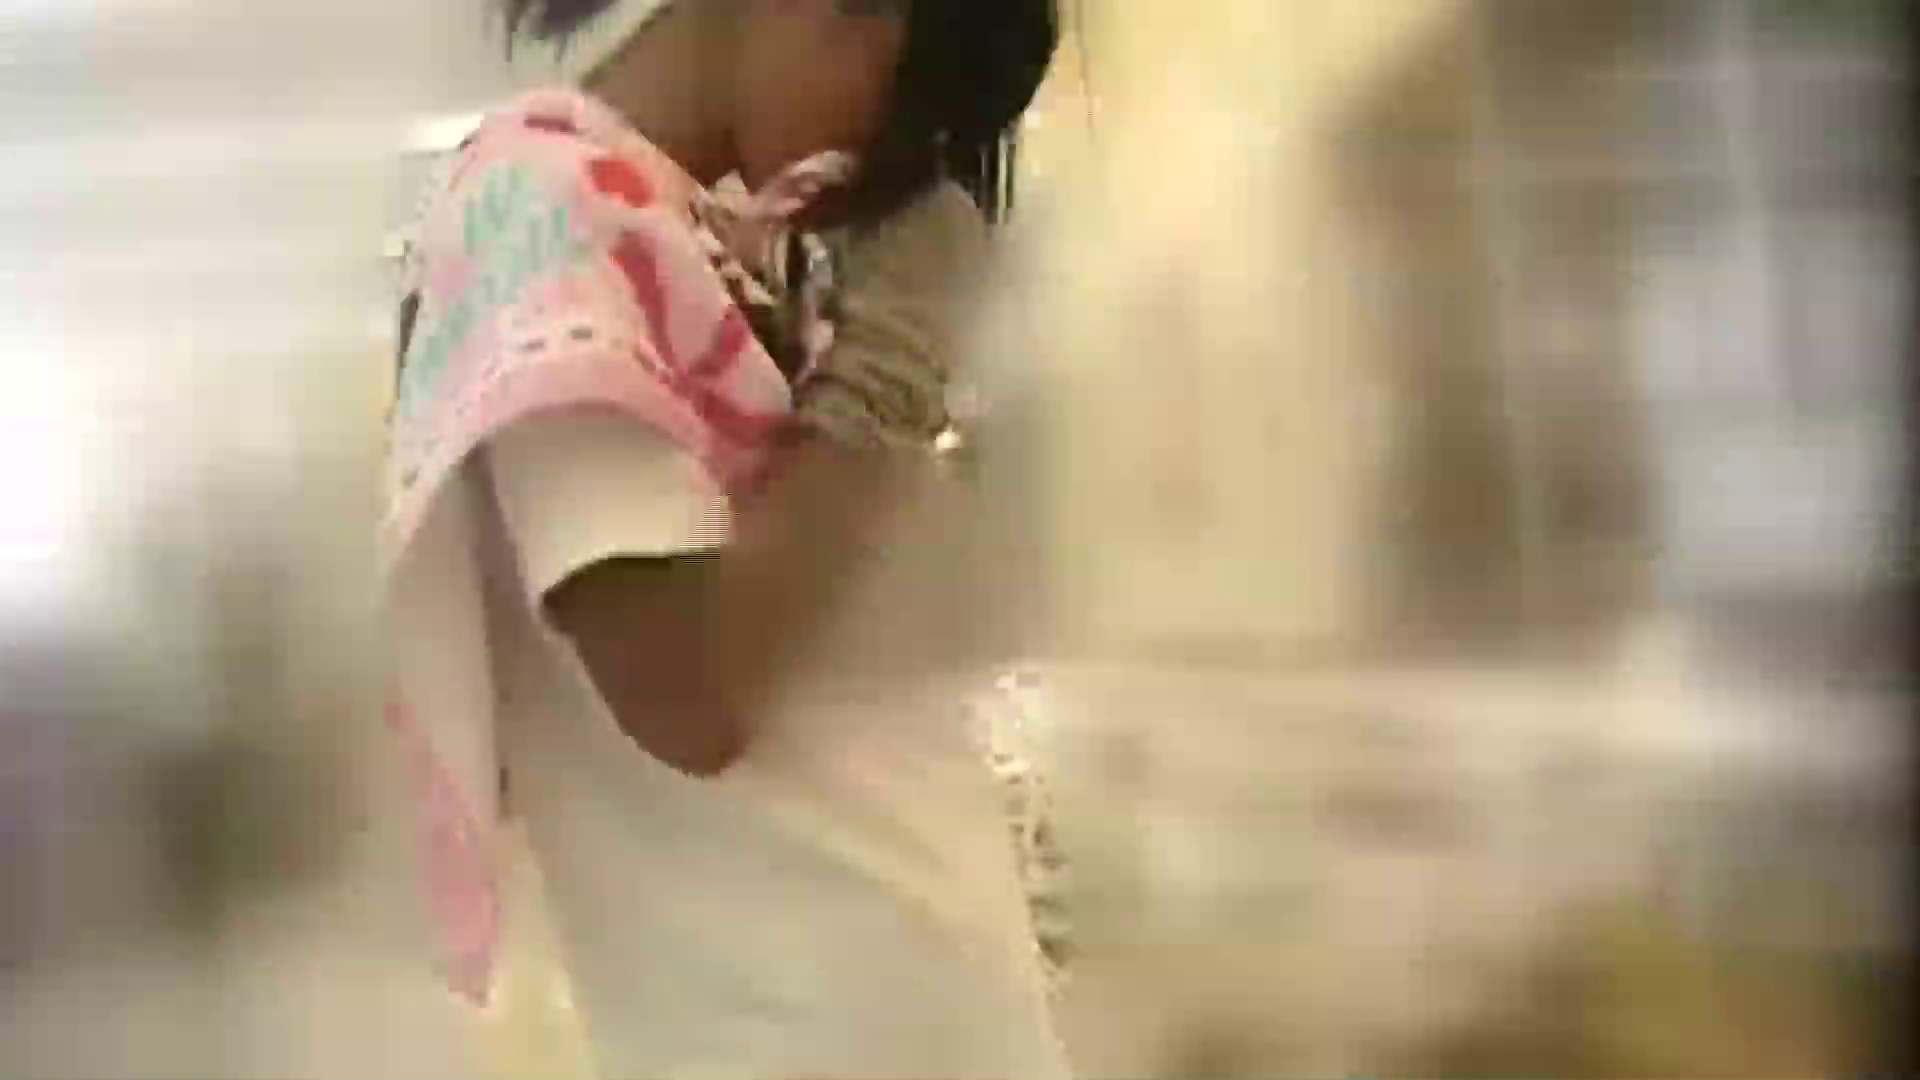 ▲復活限定▲スーパーの女の子 Vol.01 盗撮で悶絶 SEX無修正画像 79画像 55